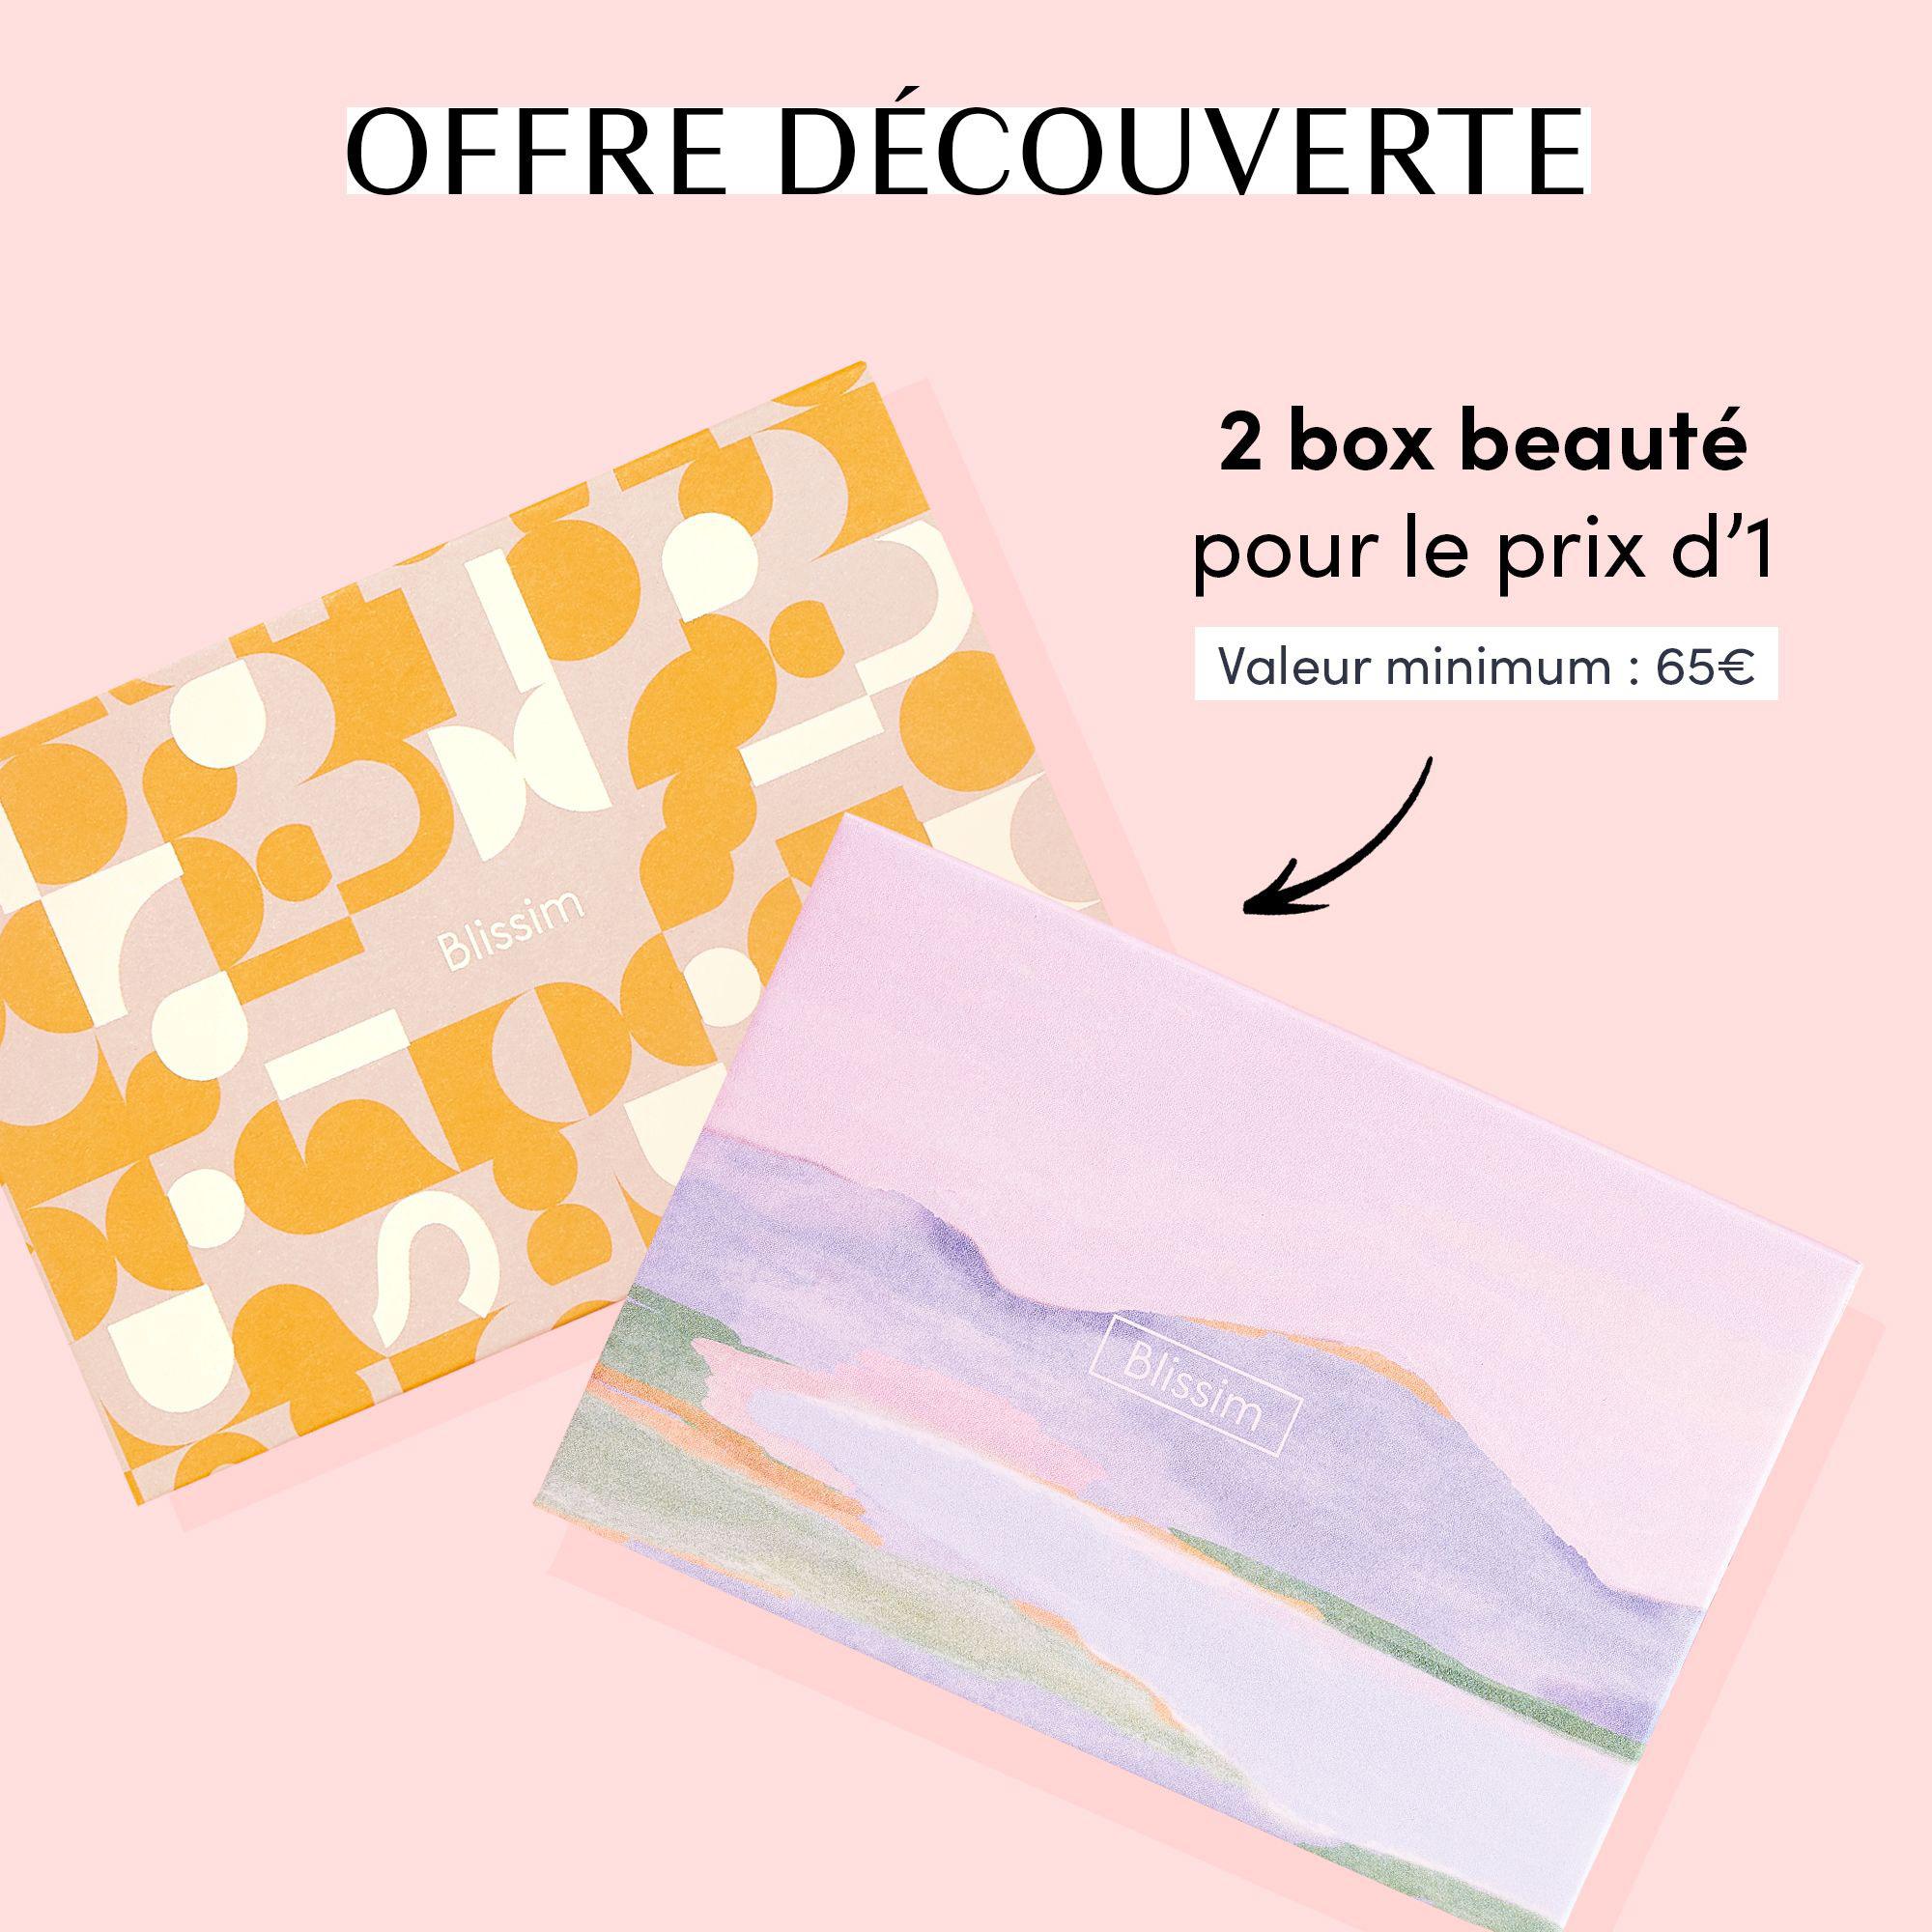 Box beauté du mois de mai + Box collector Blissim